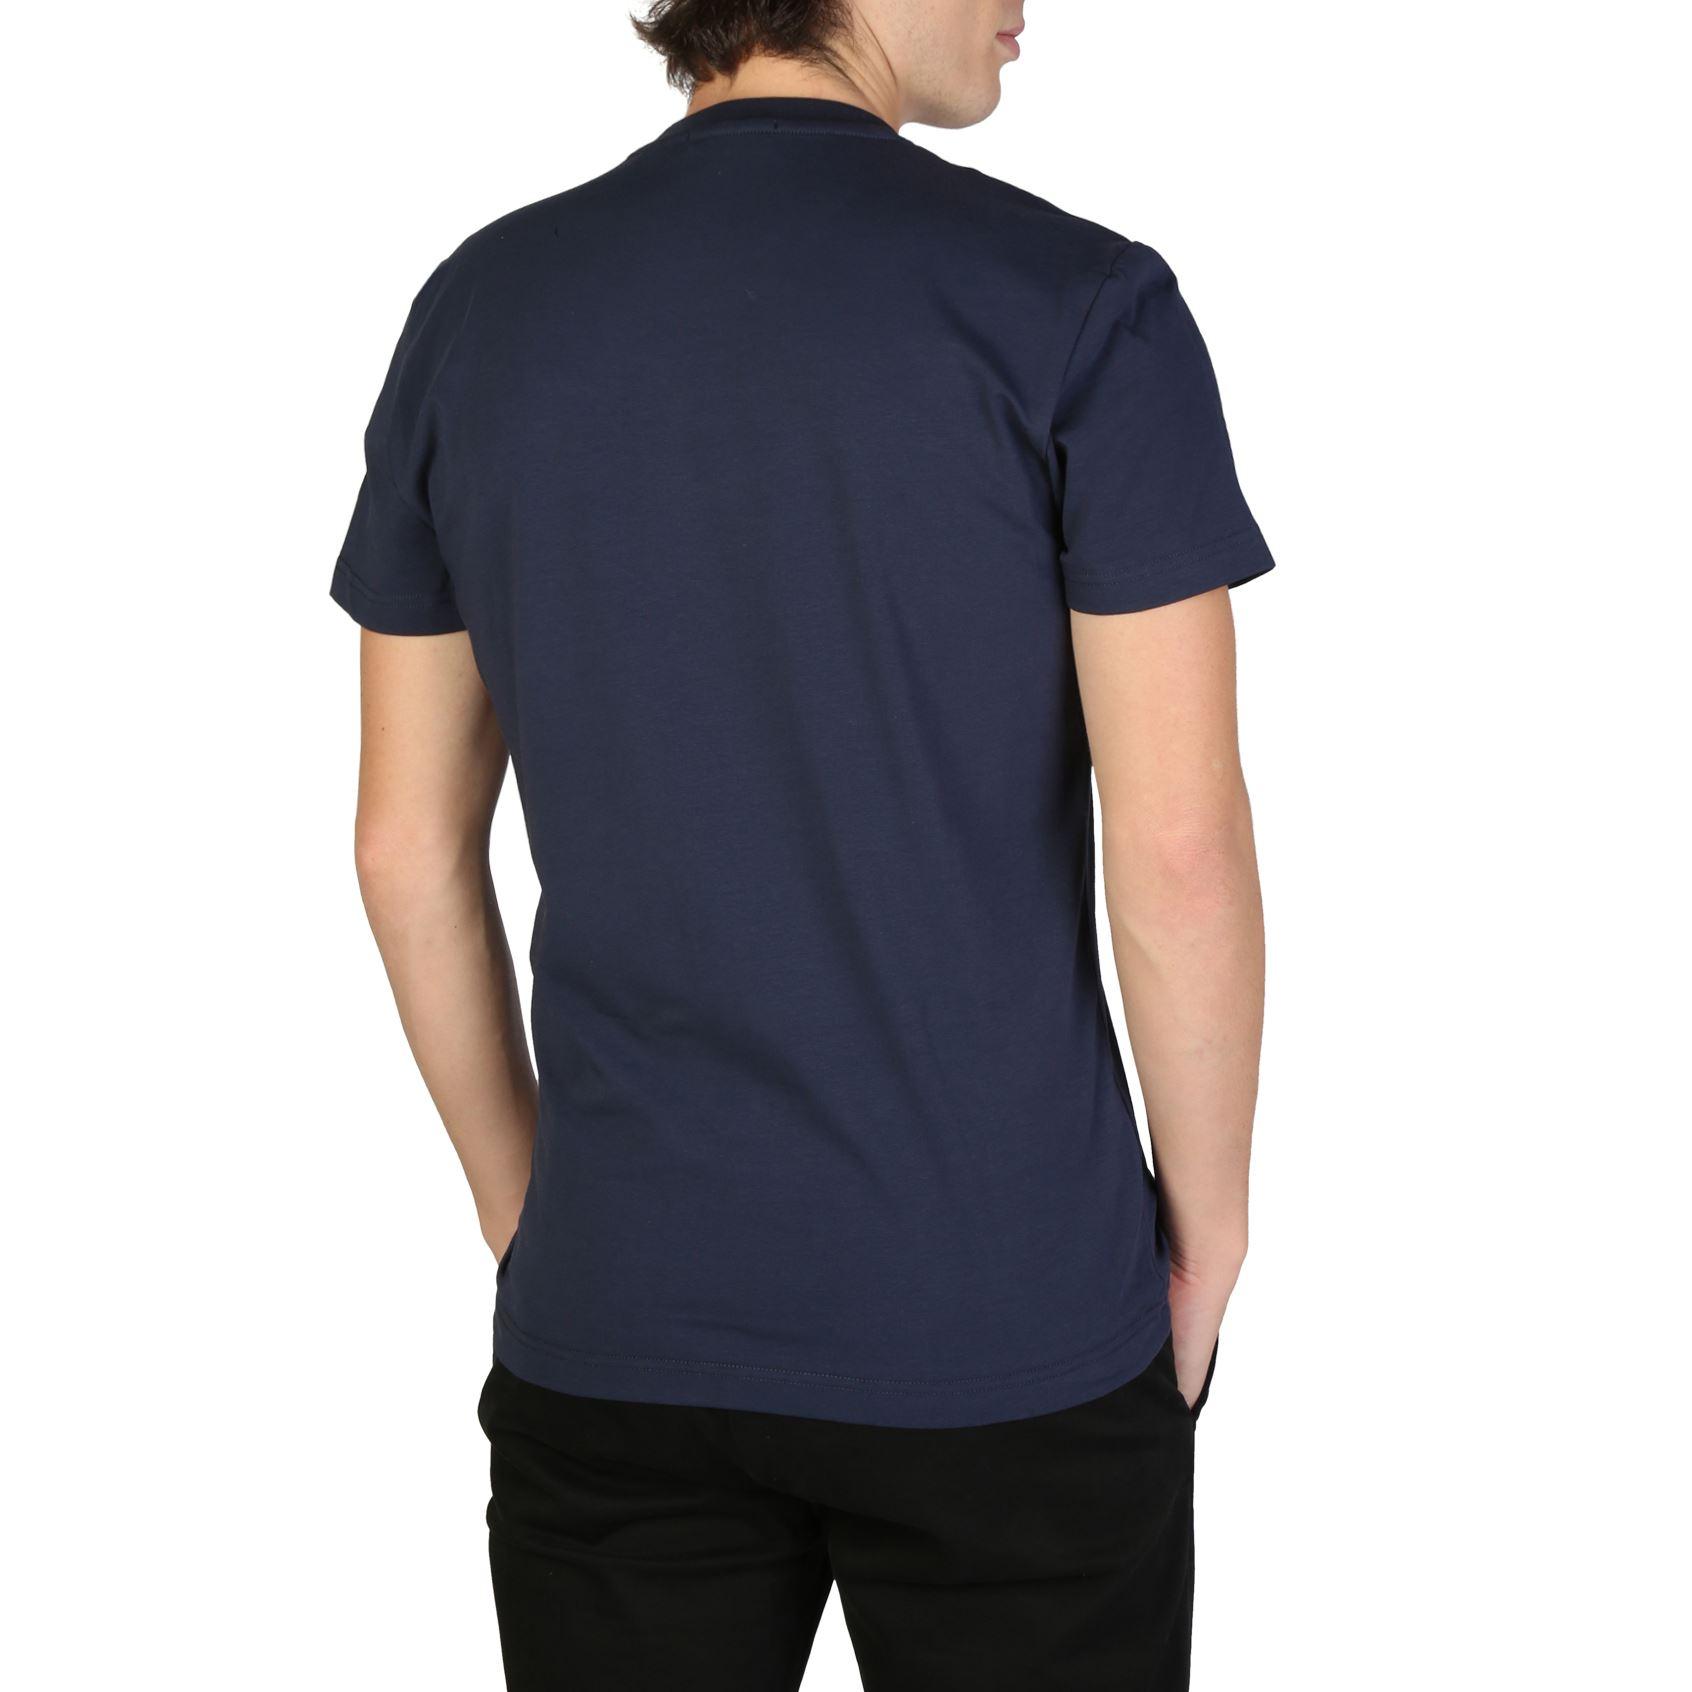 62c96e9edbe4 Versace Jeans Men s Blue Cotton T-shirt Comfy Shirts Round Neck